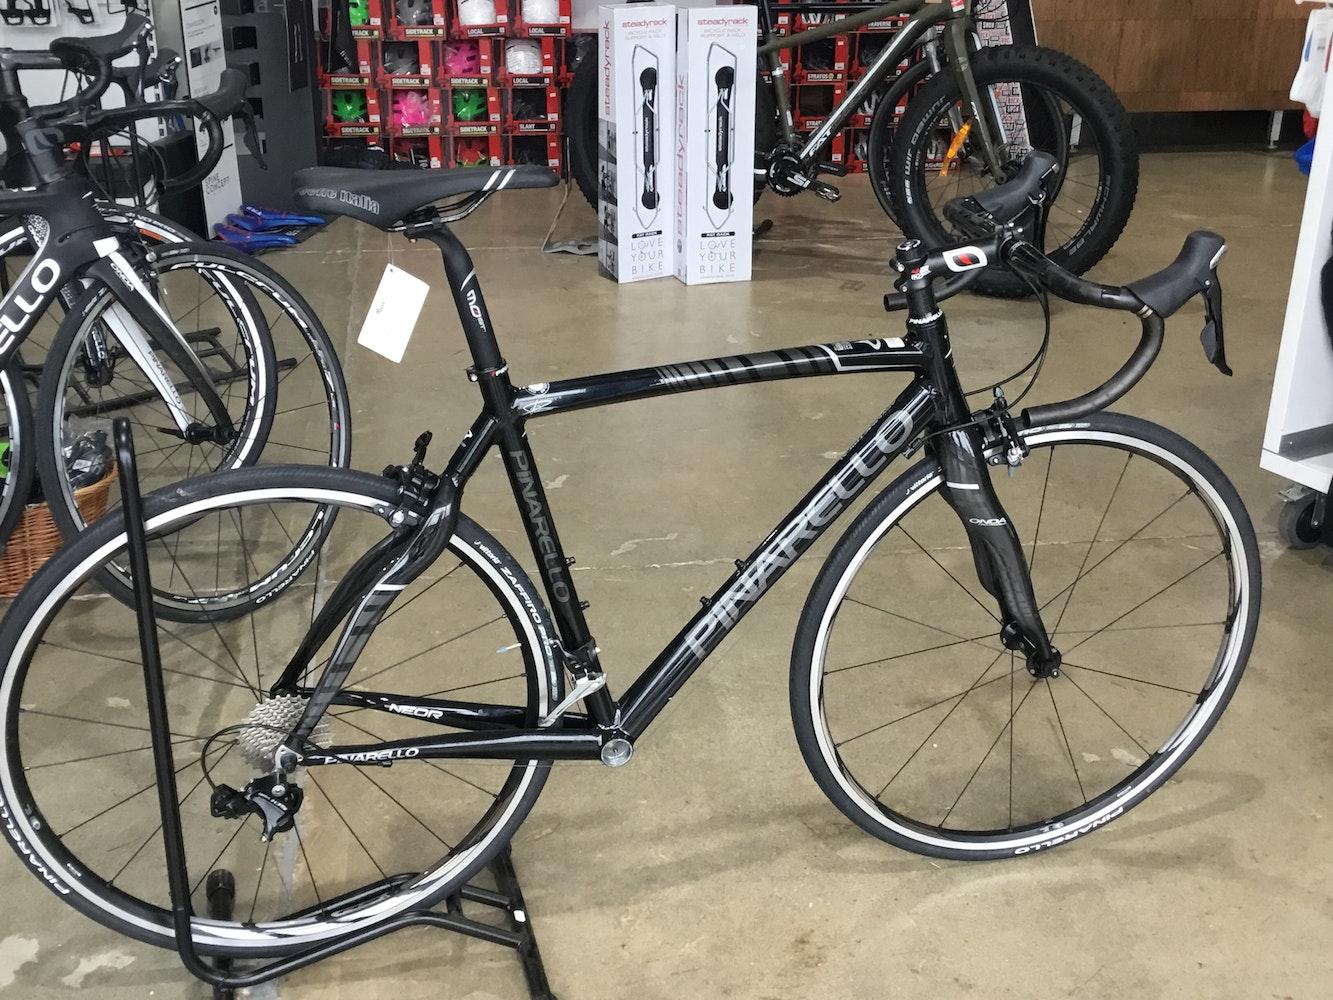 2018 Pinarello Neor Road Bikes For Sale In Goulburn